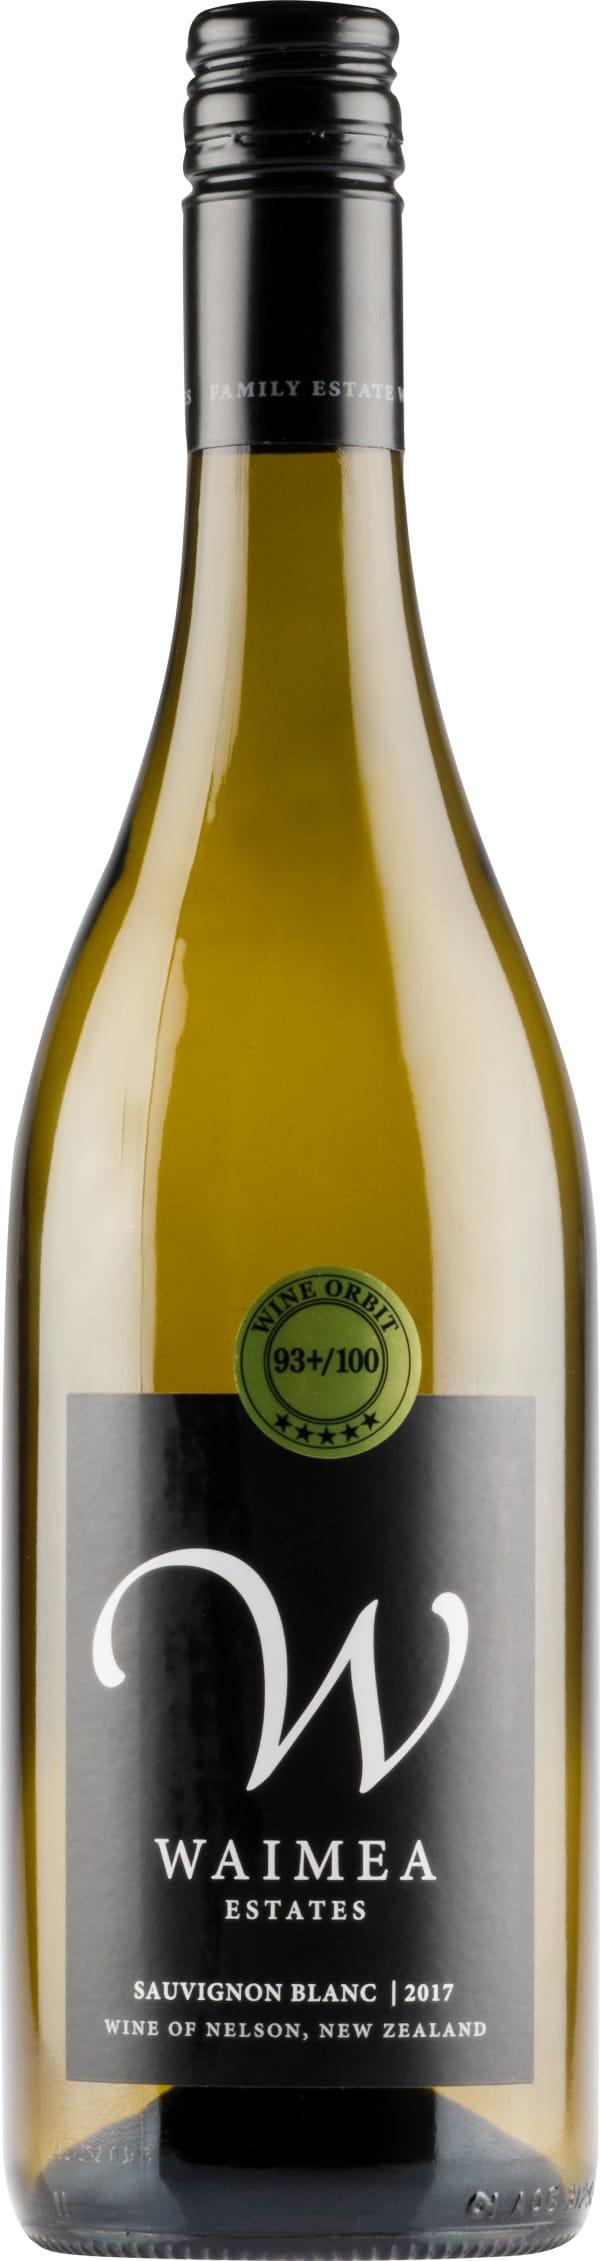 Waimea Sauvignon Blanc 2017